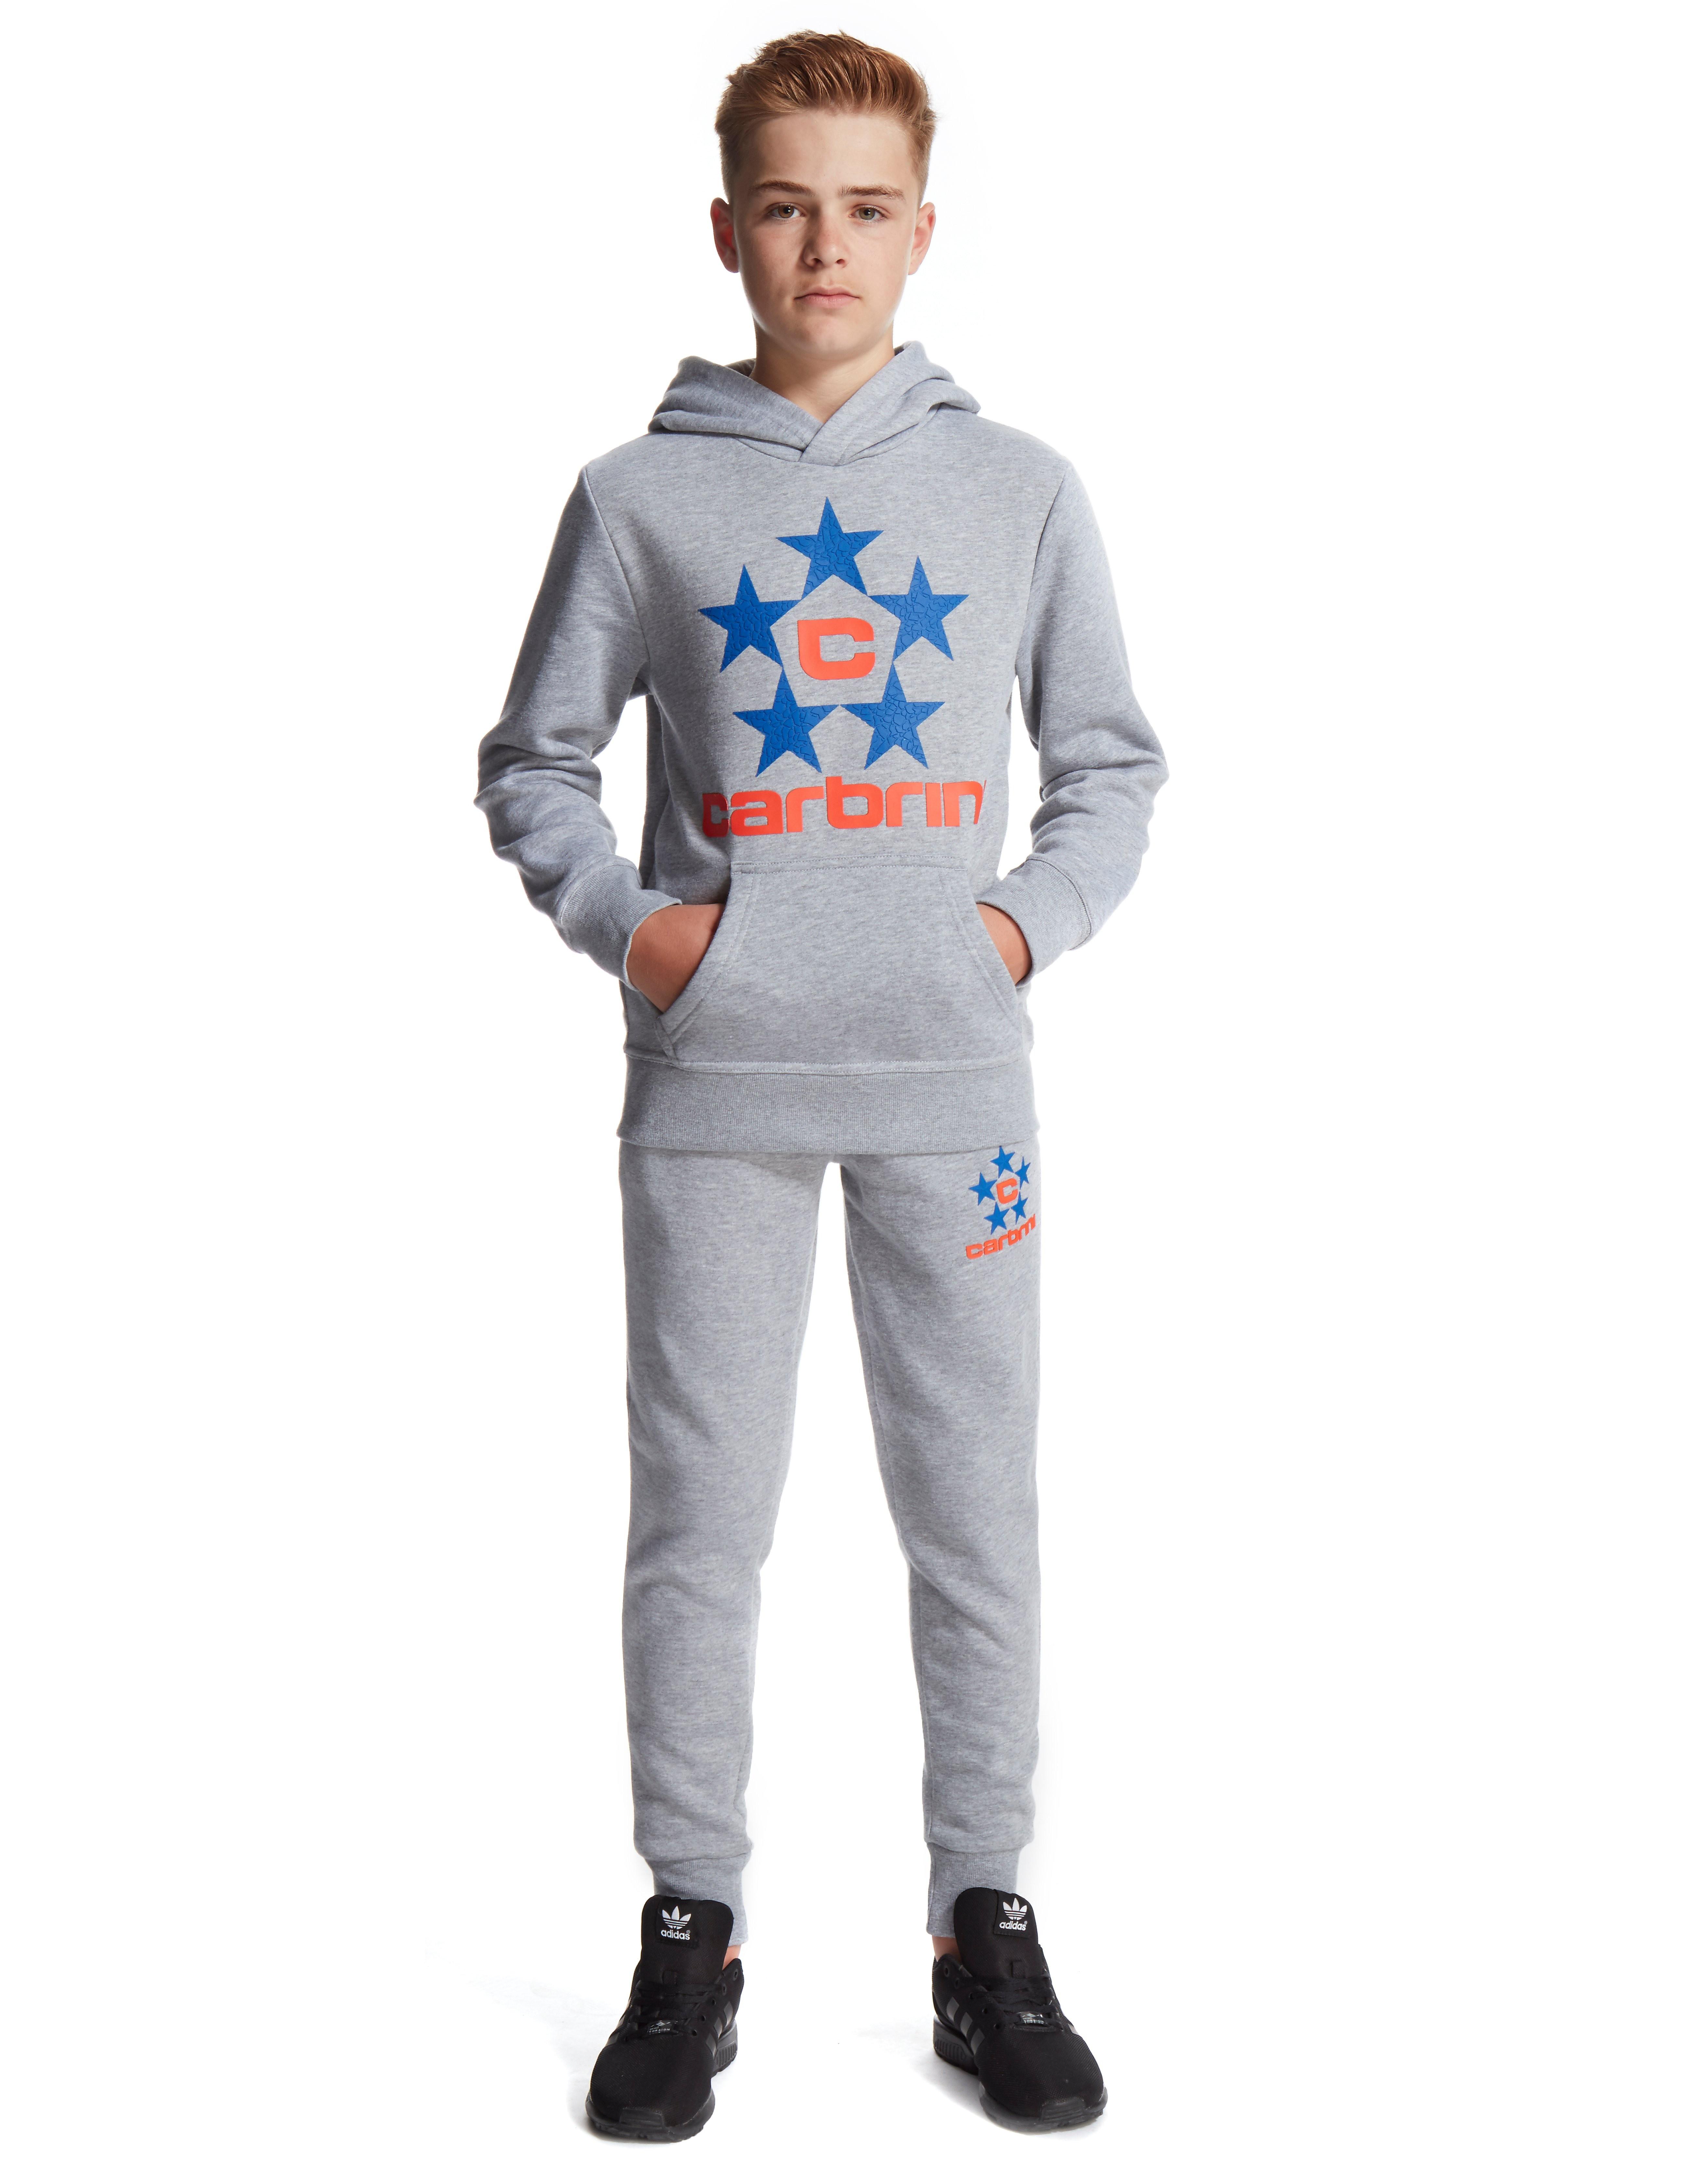 Carbrini Siren Suit för juniorer